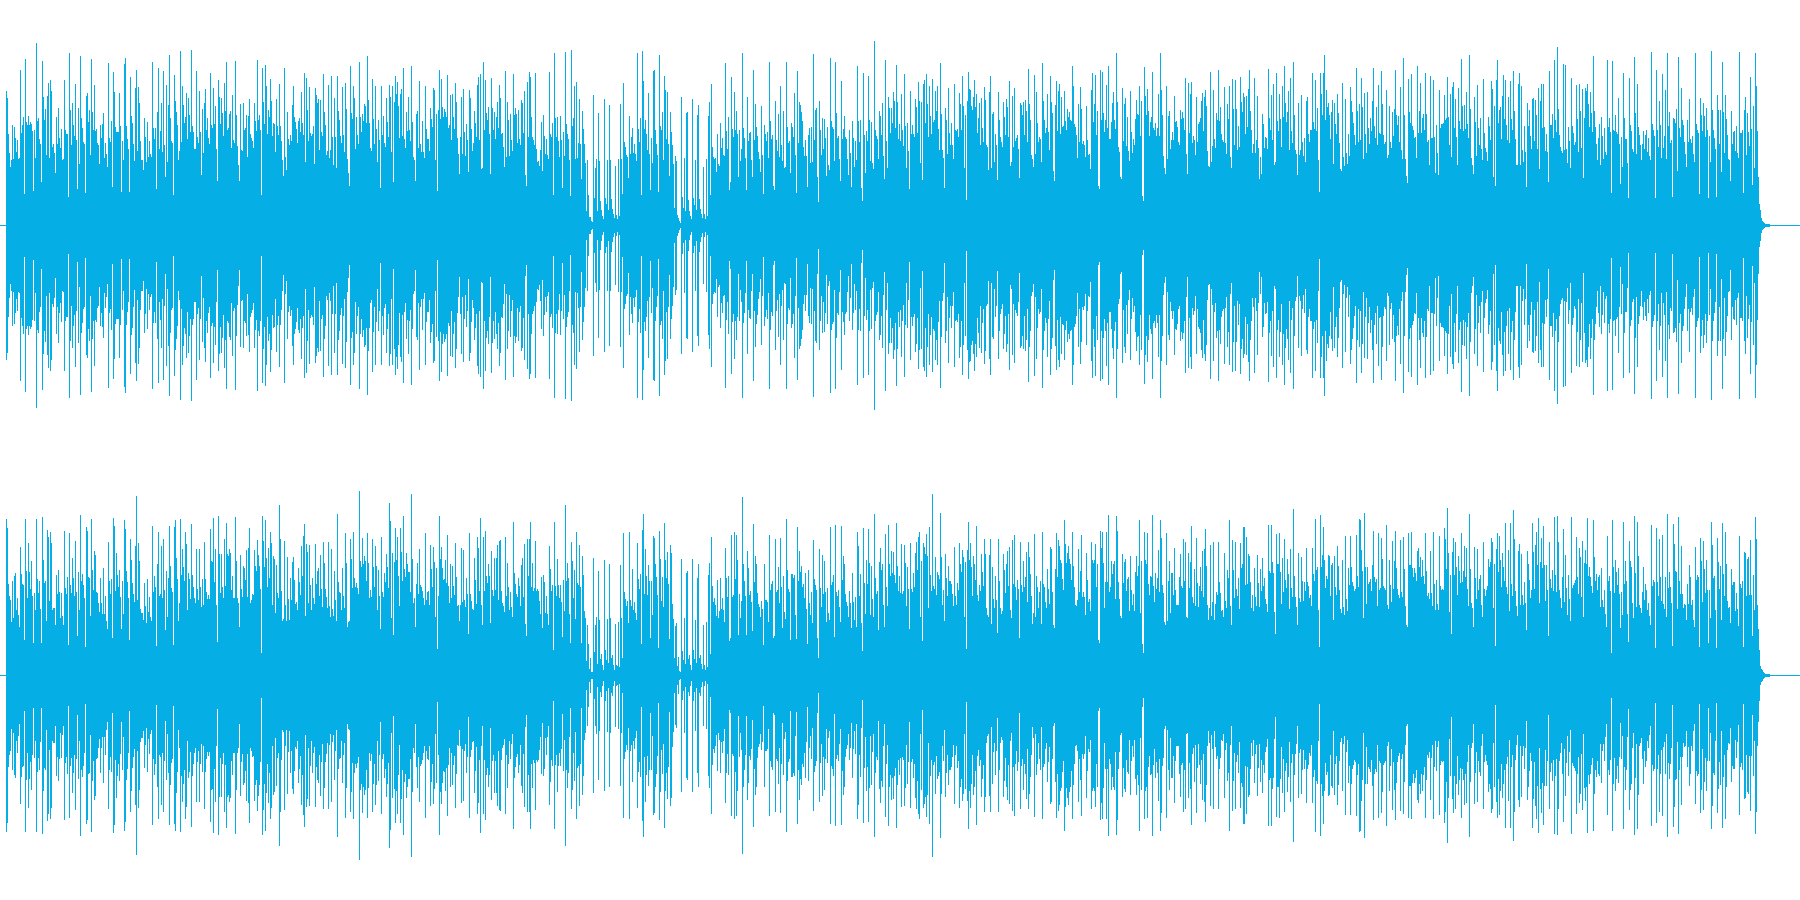 ほのぼのとした快適リズムのミュージックの再生済みの波形